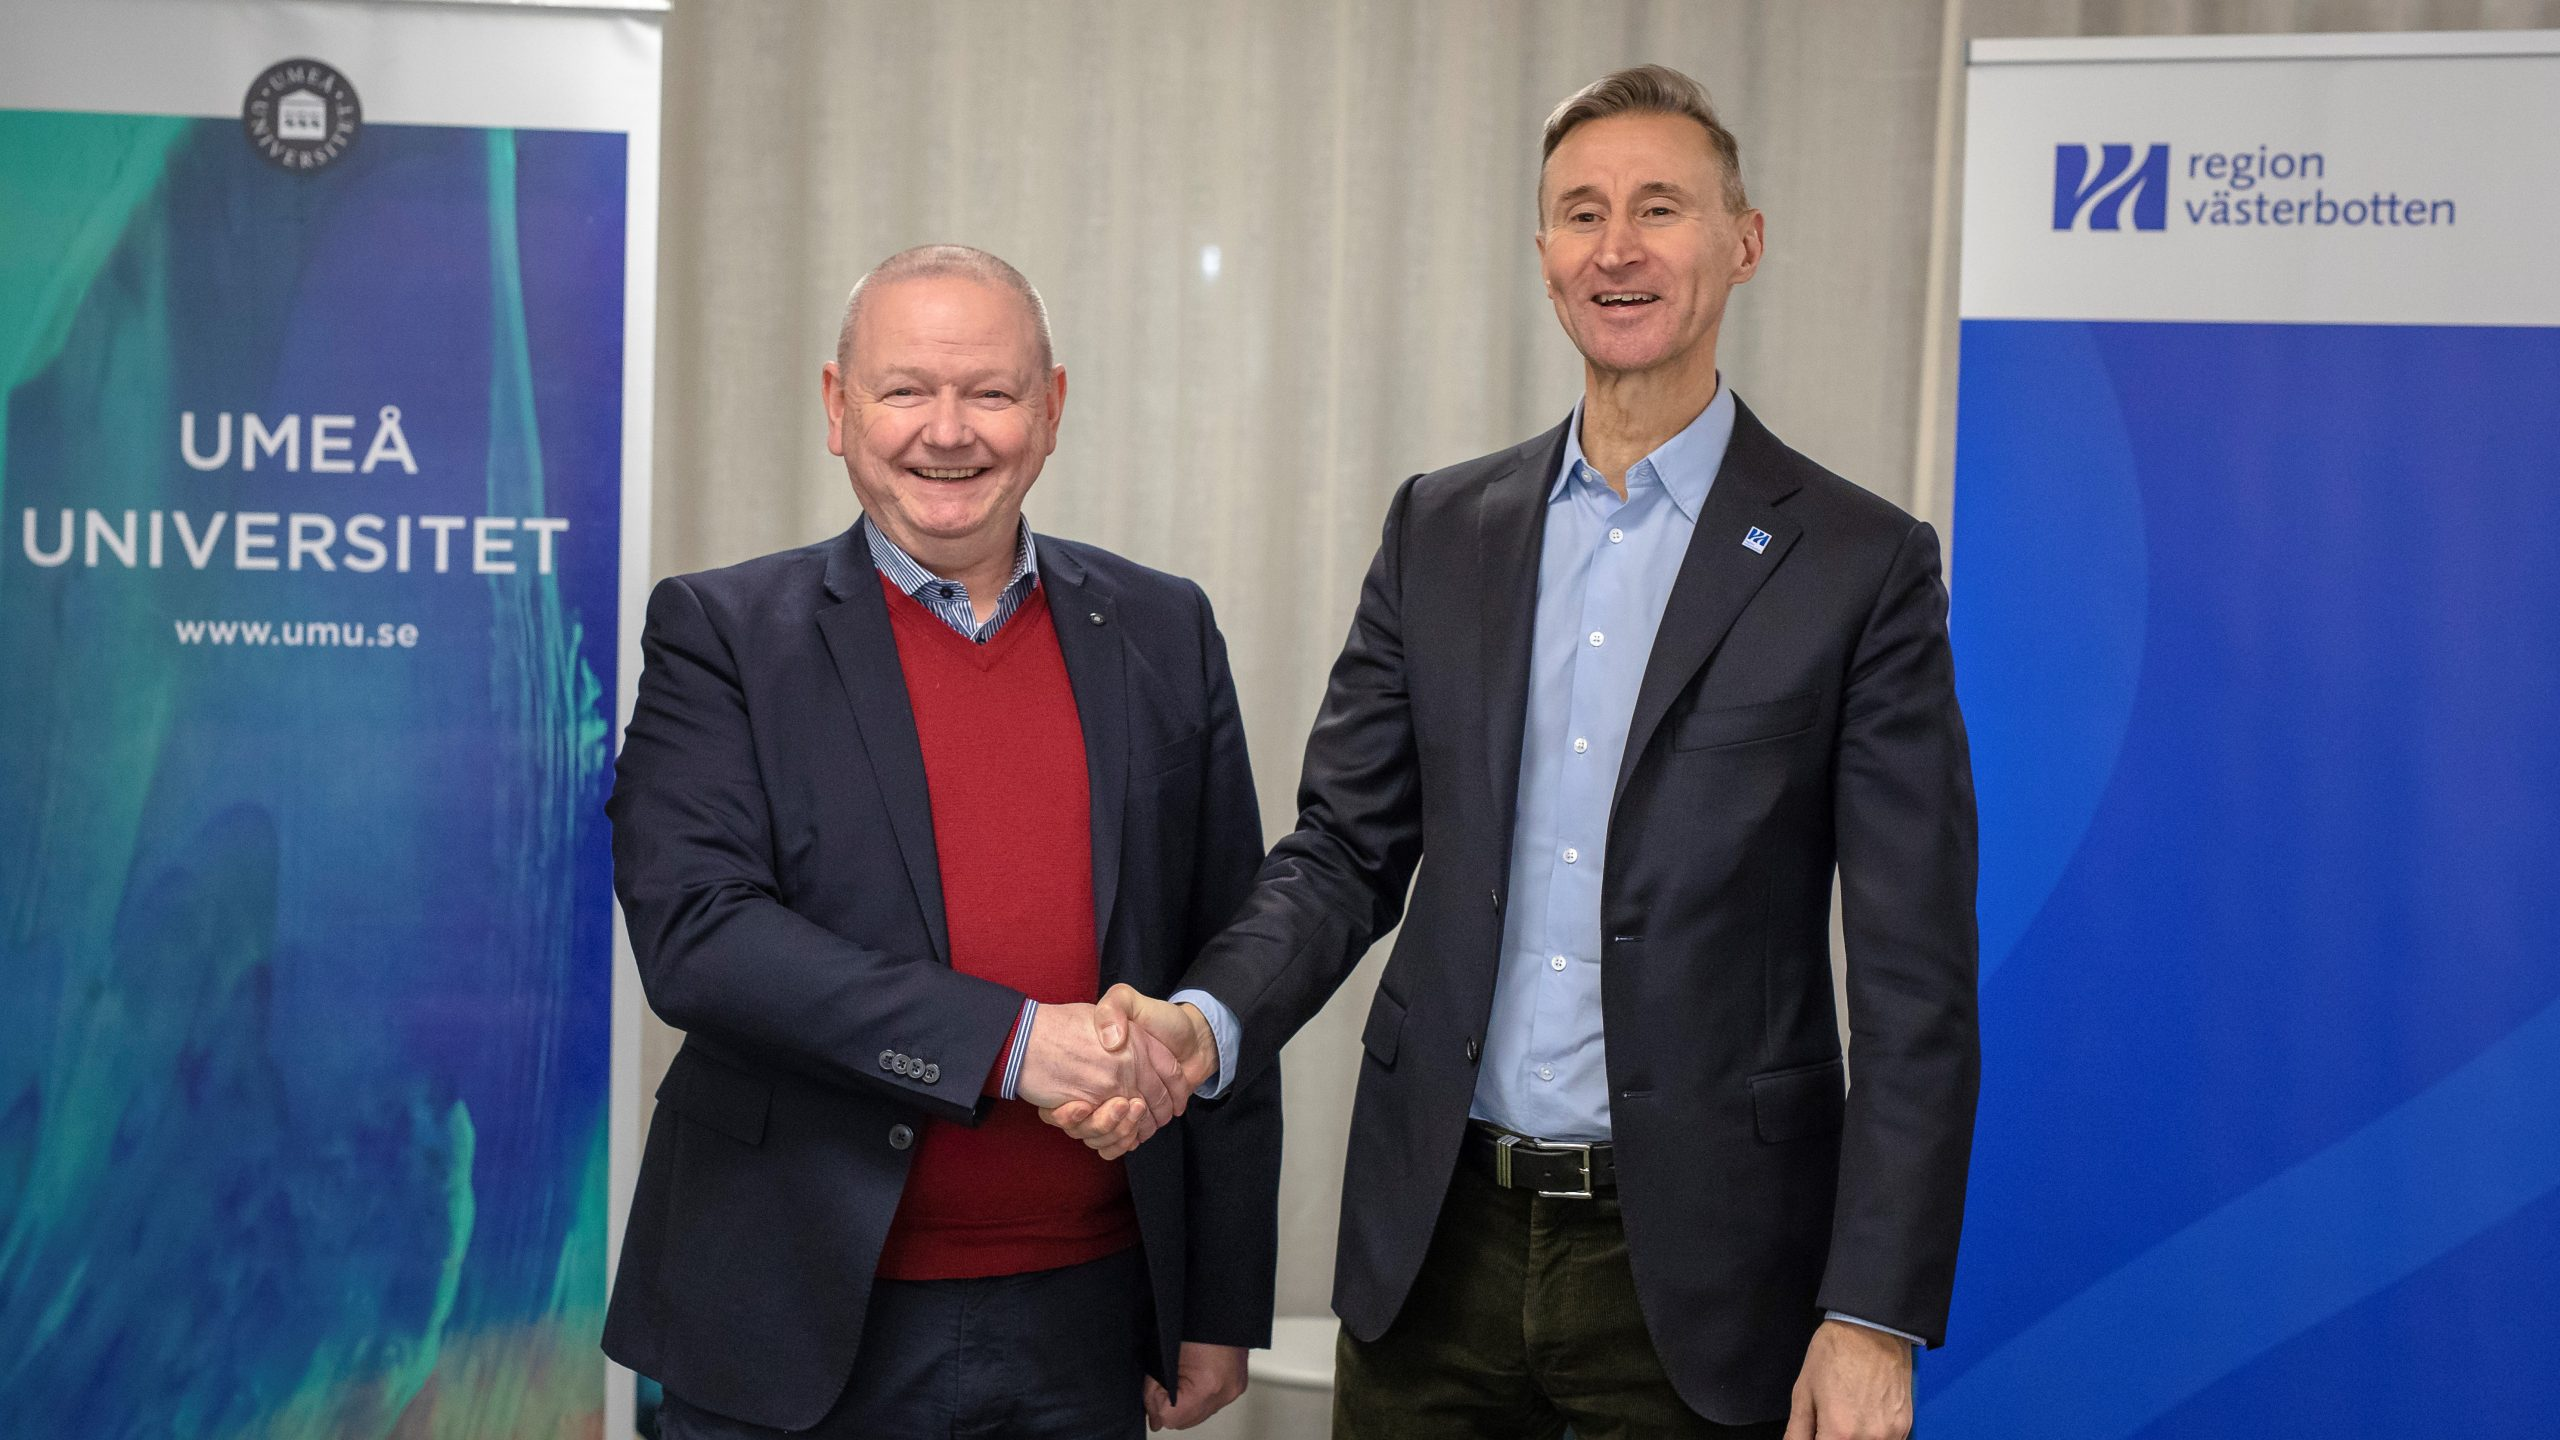 Rektor Hans Adolfsson och regiondirektör Kent Ehliasson skakar hand.